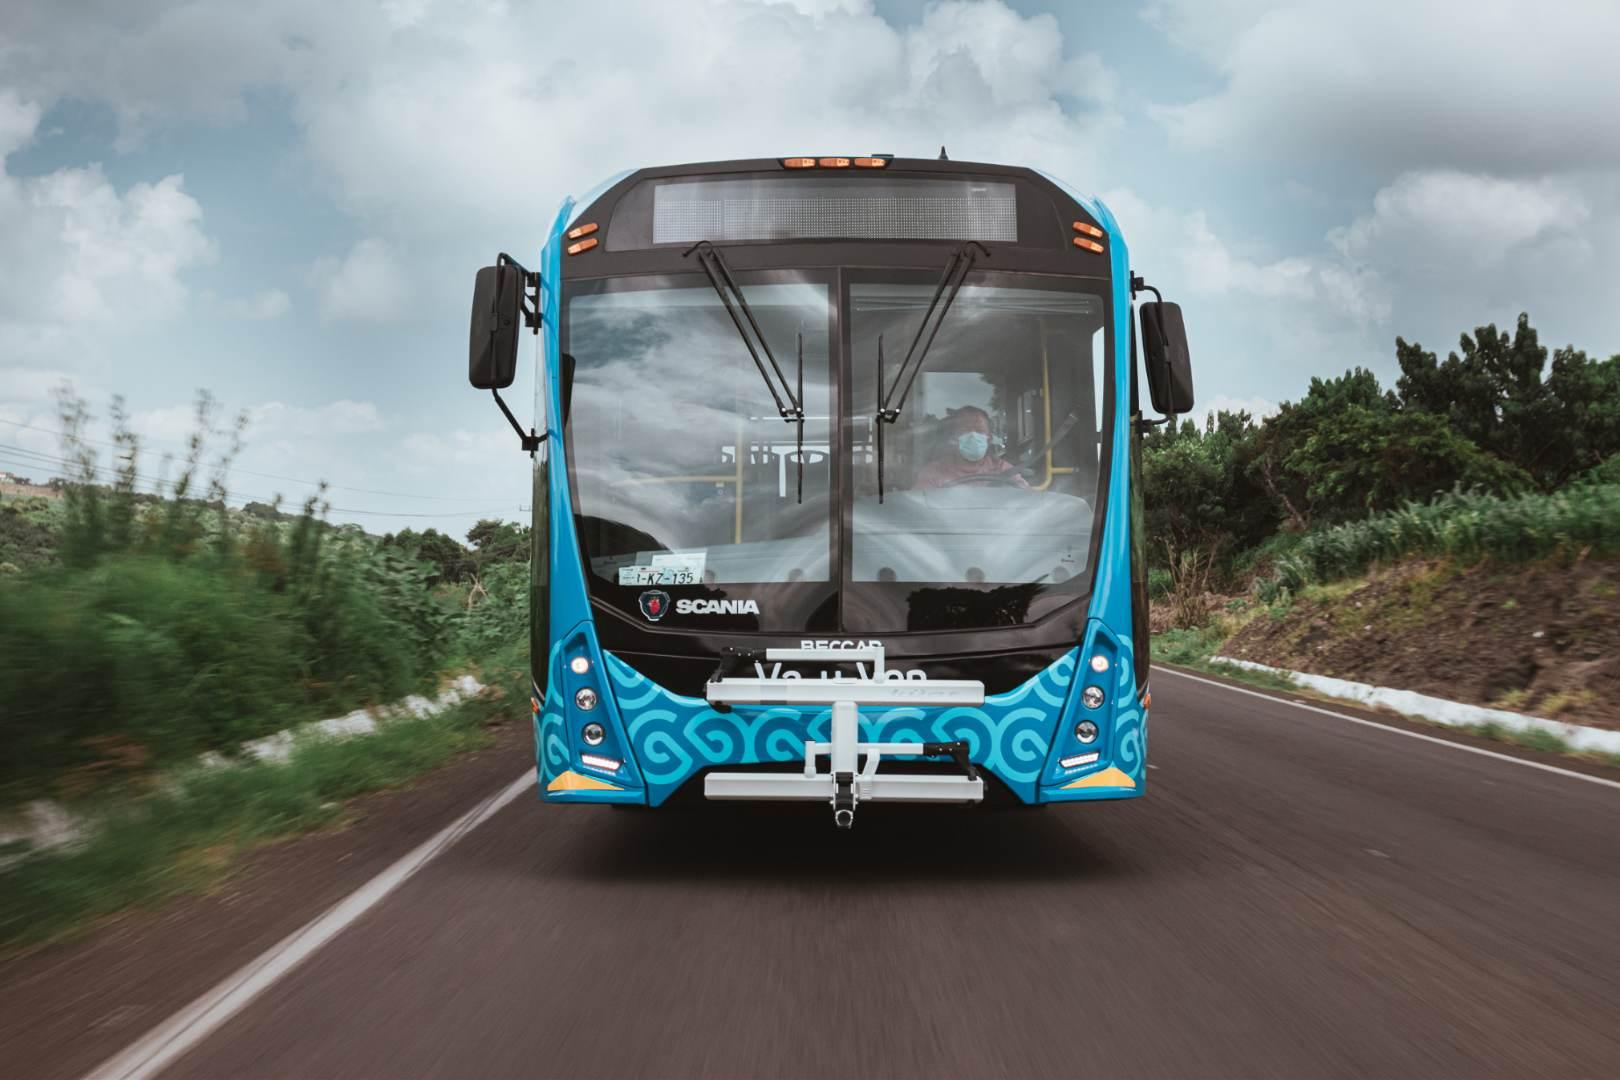 Scania, Mobility ADO, Merida, Beccar Urviabus,